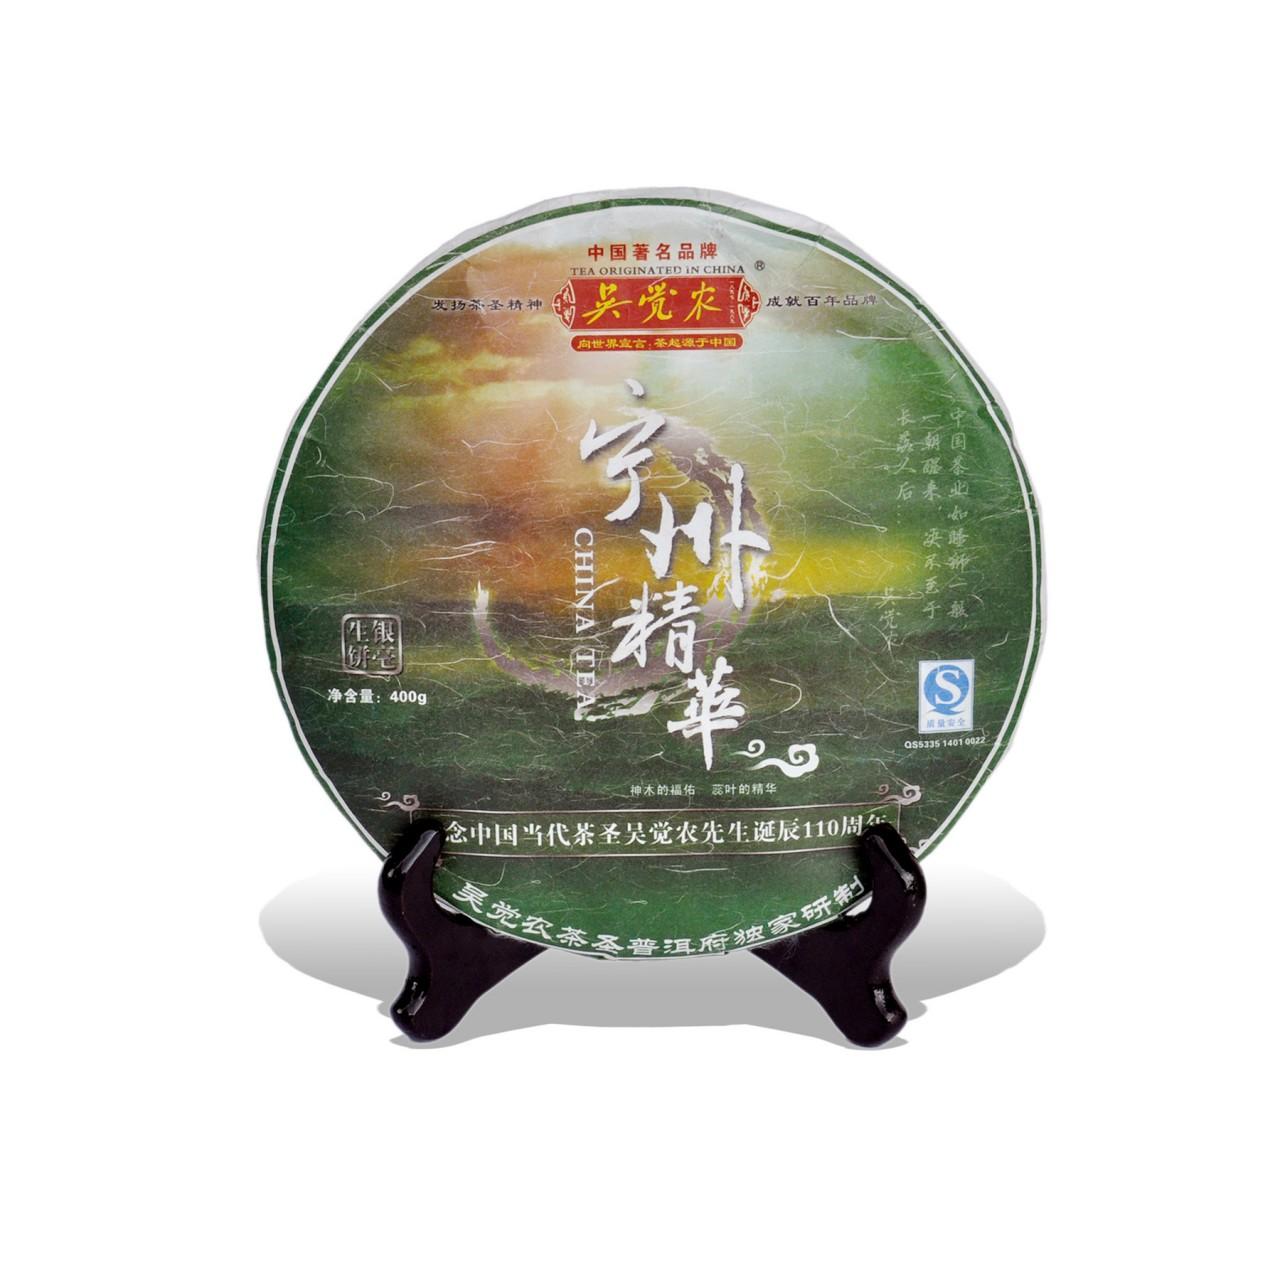 吳覺農茶葉美味